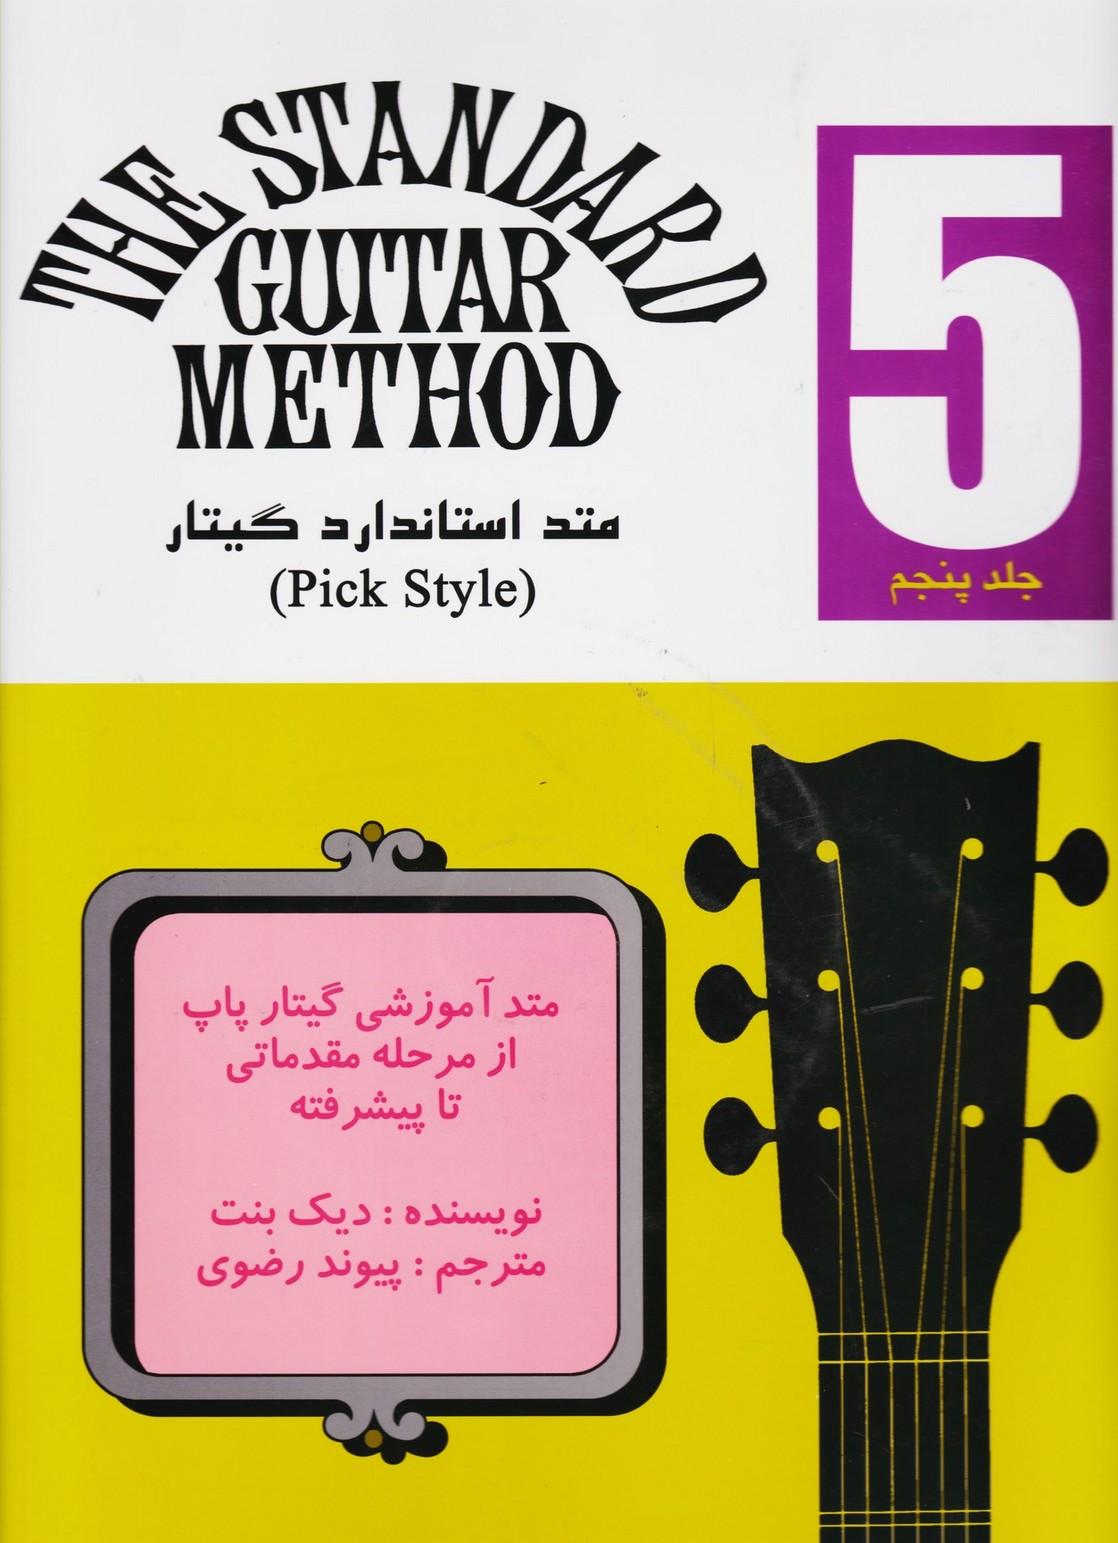 متد استاندارد گیتار جلد پنجم: متد آموزشی گیتار پاپ از مرحله مقدماتی تا پیشرفته